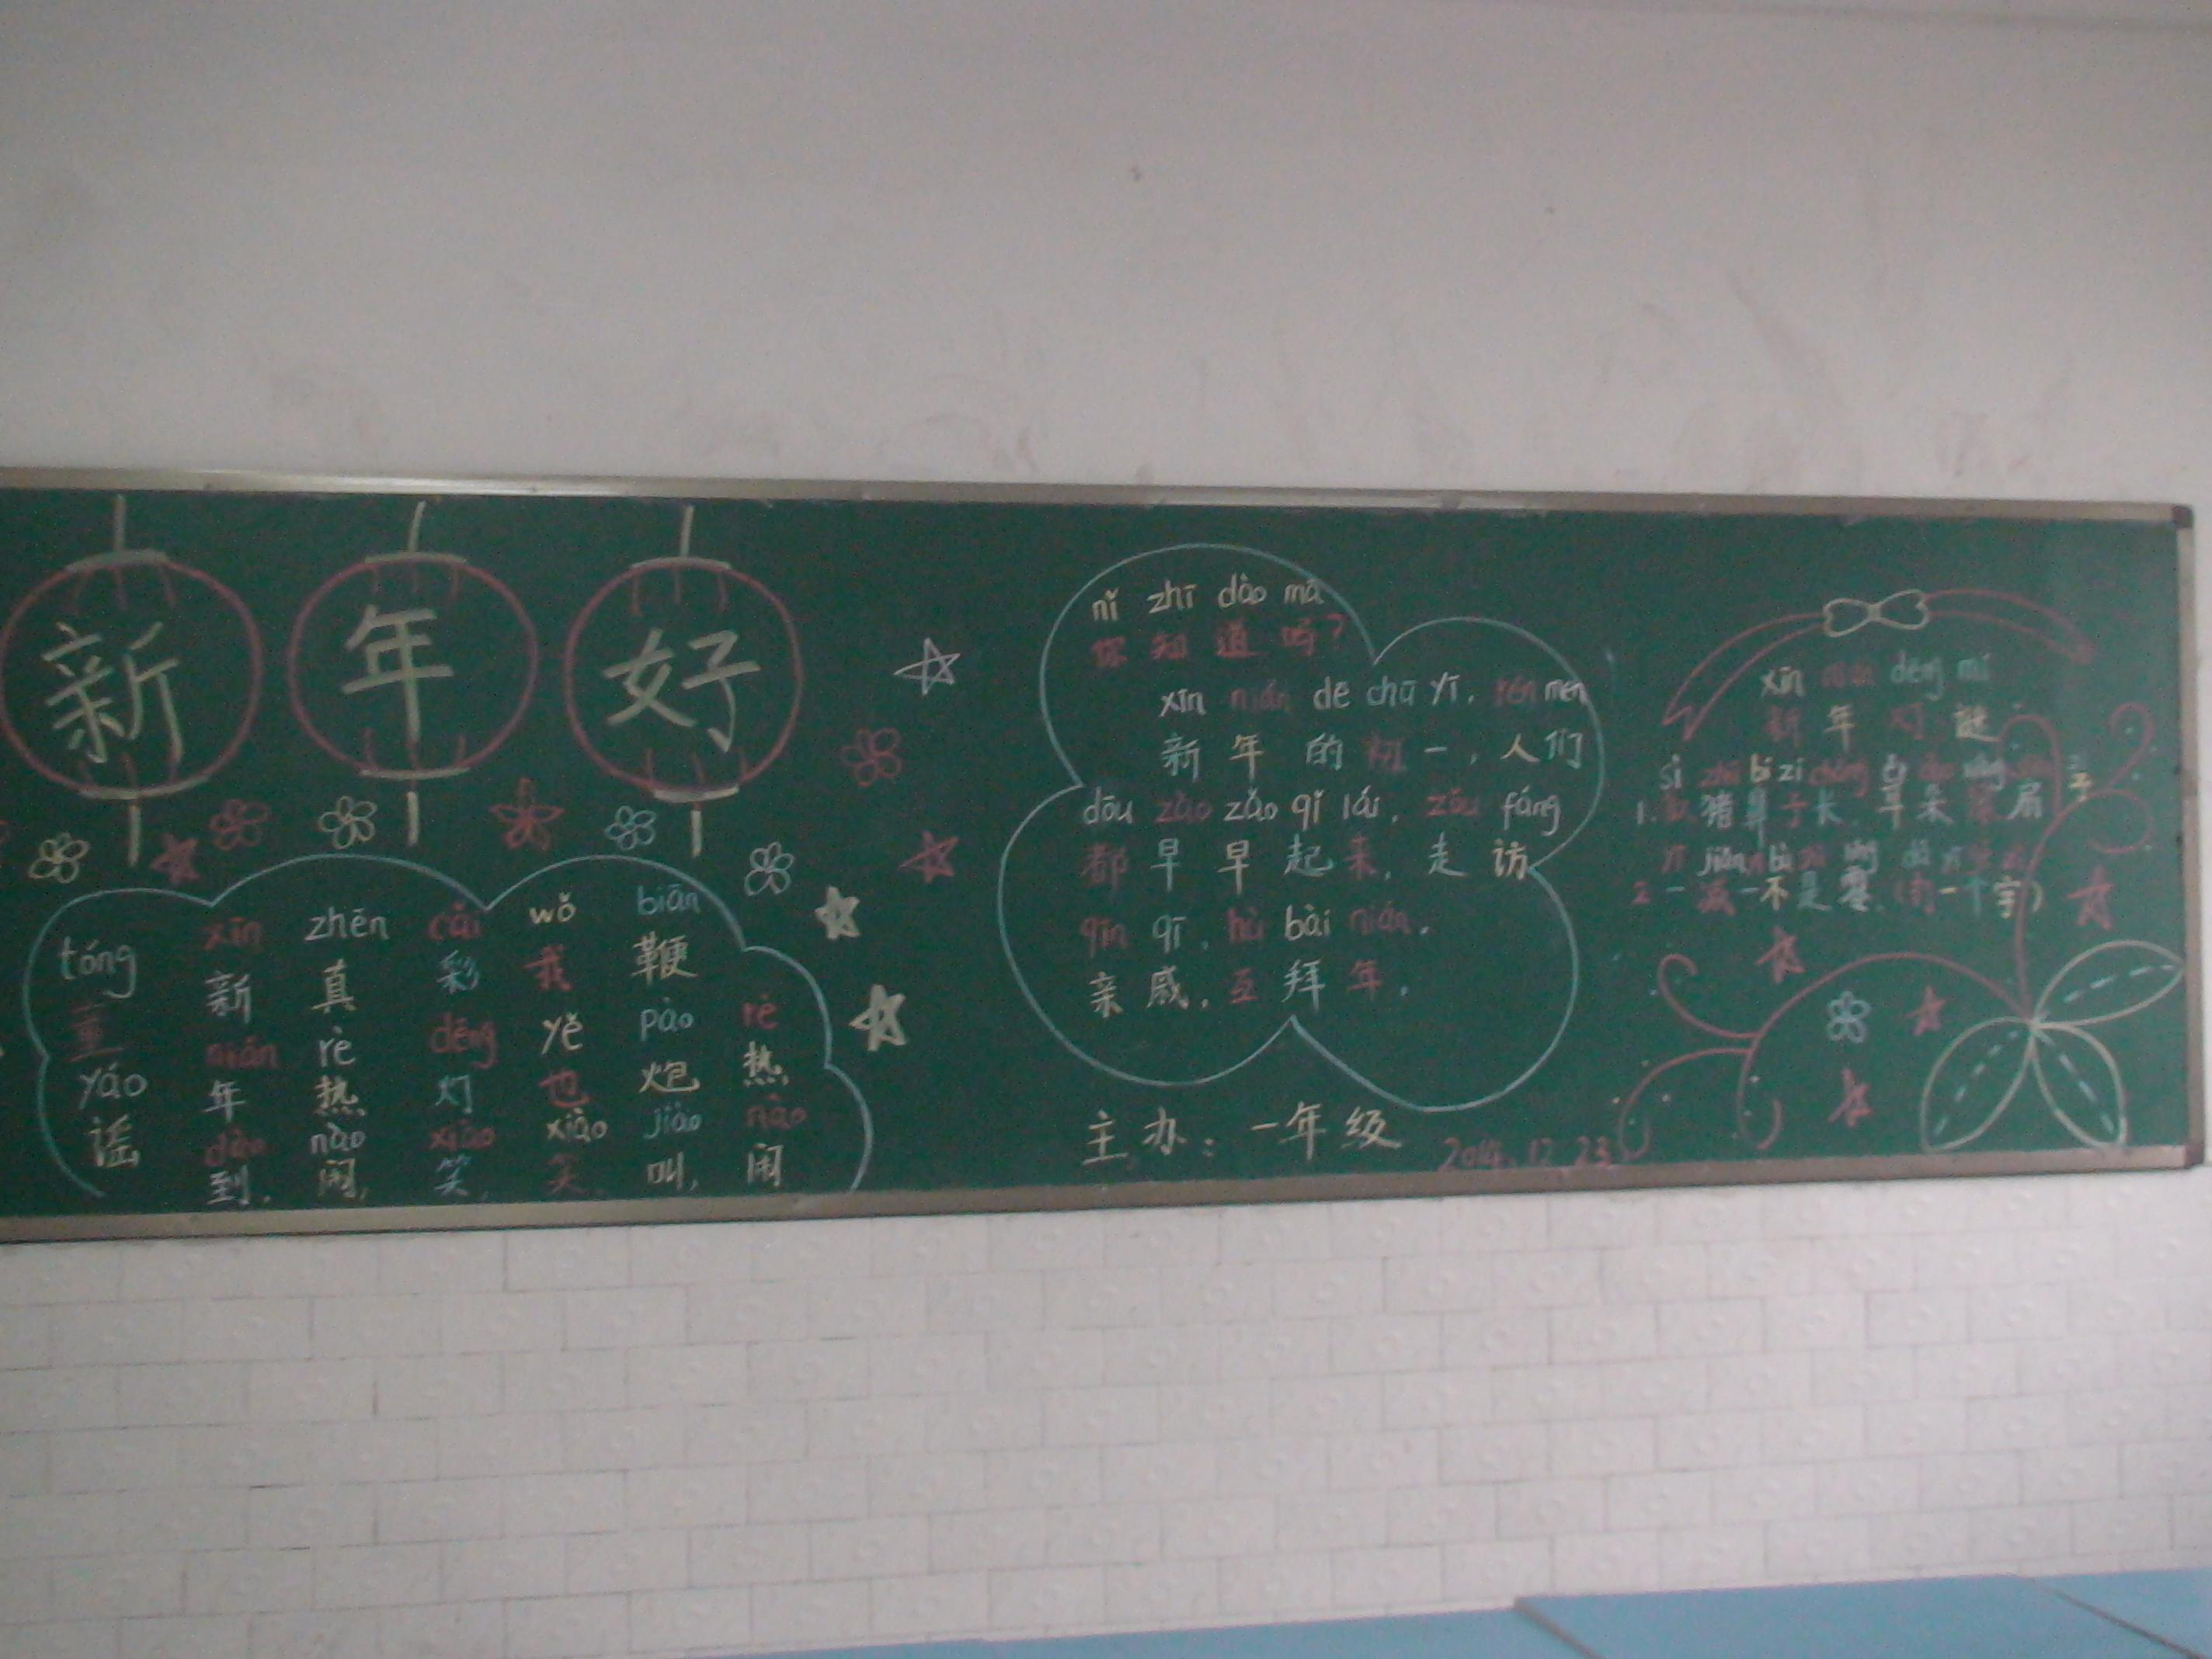 安平小学组织开展 迎元旦 黑板报比赛